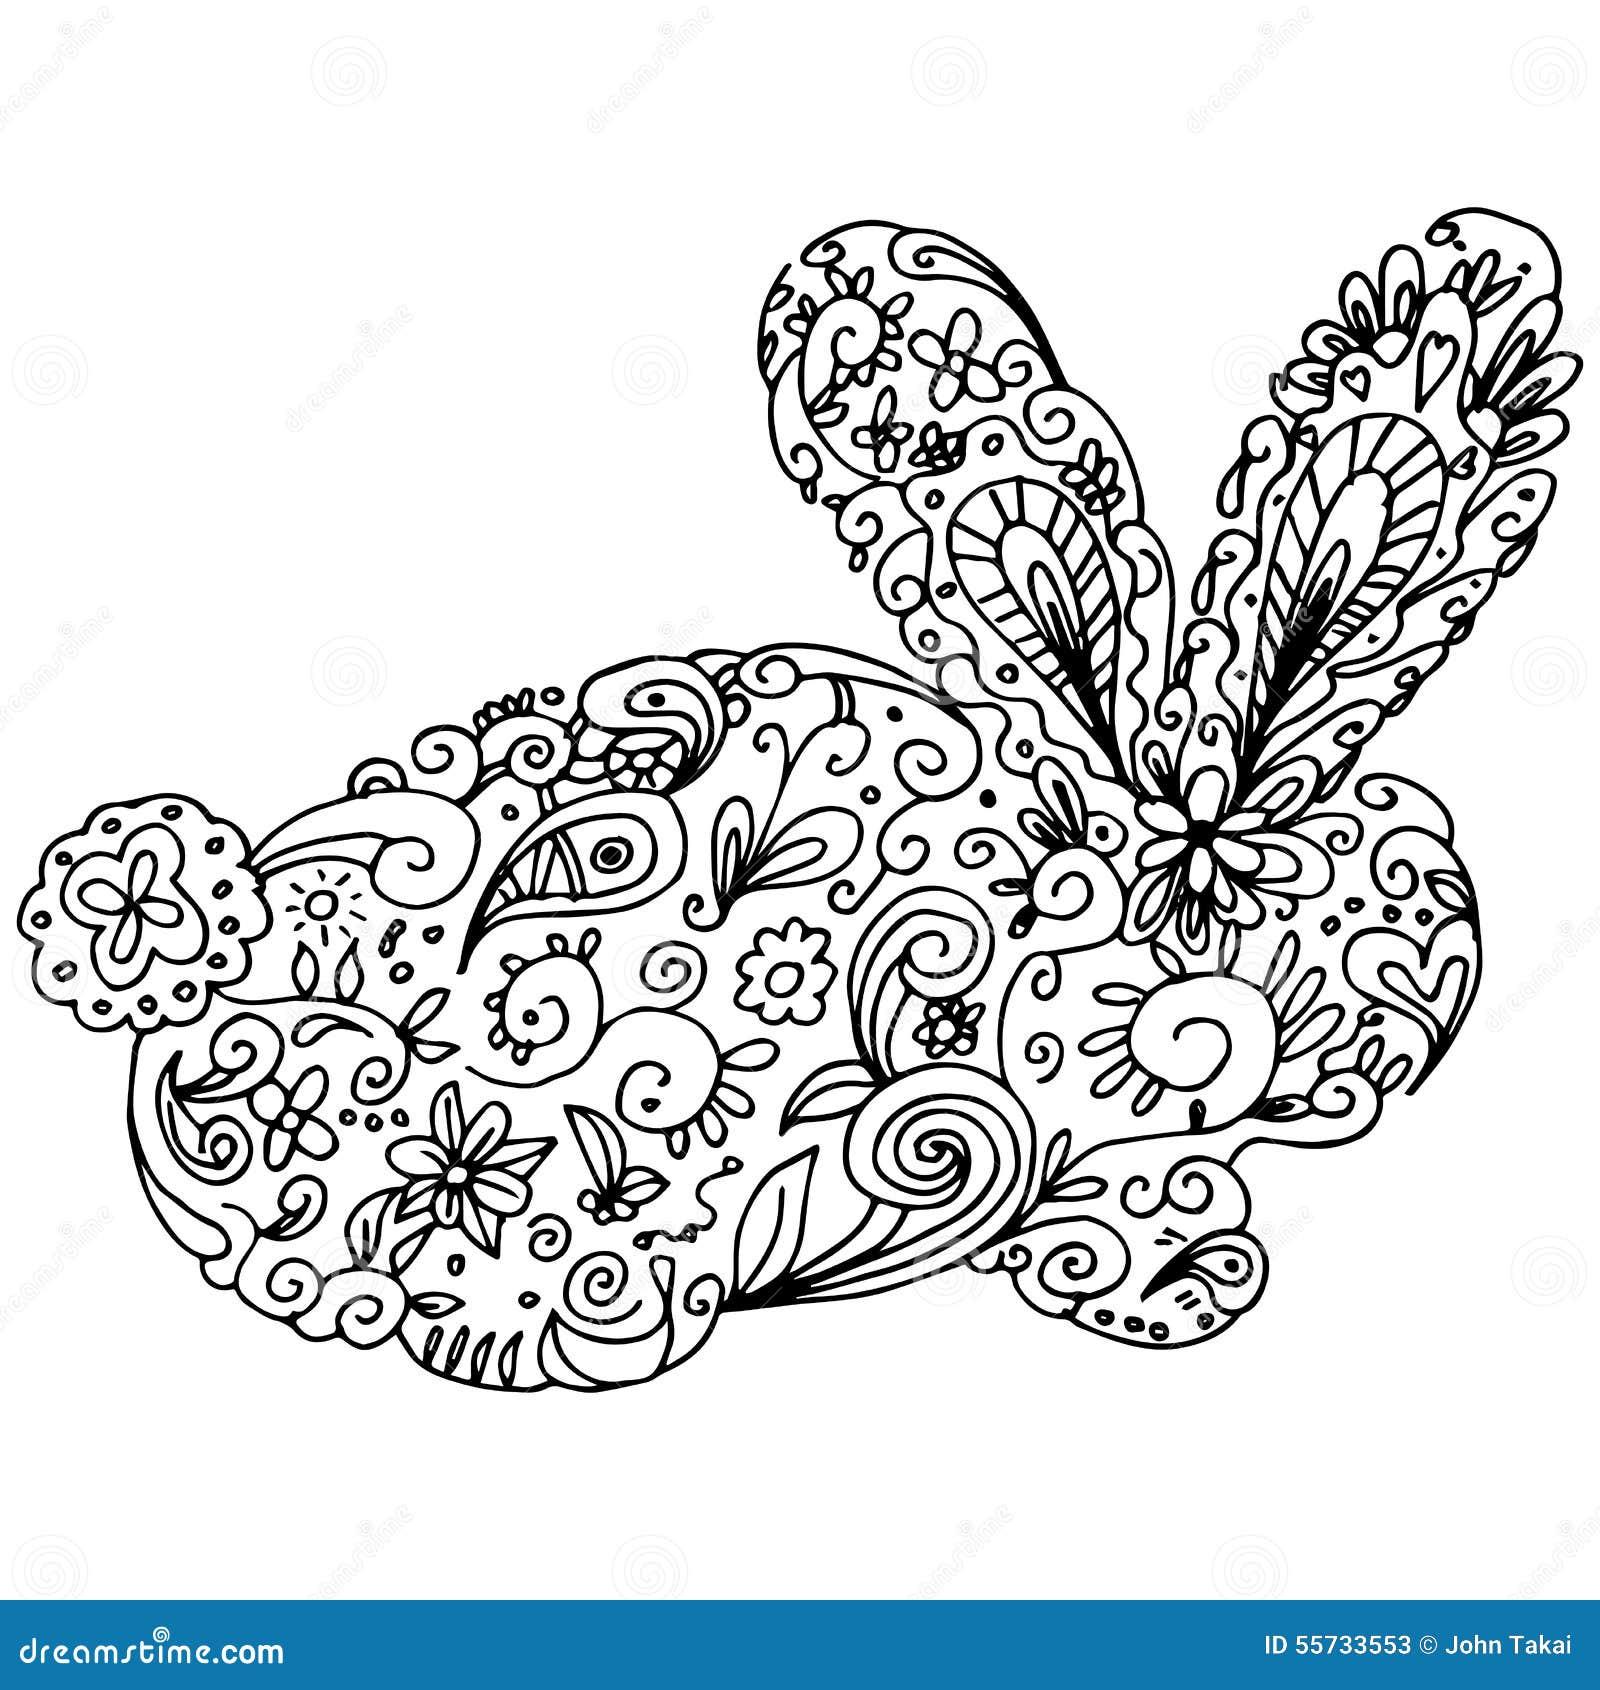 Zentangle Bunny Outline Stock Vector